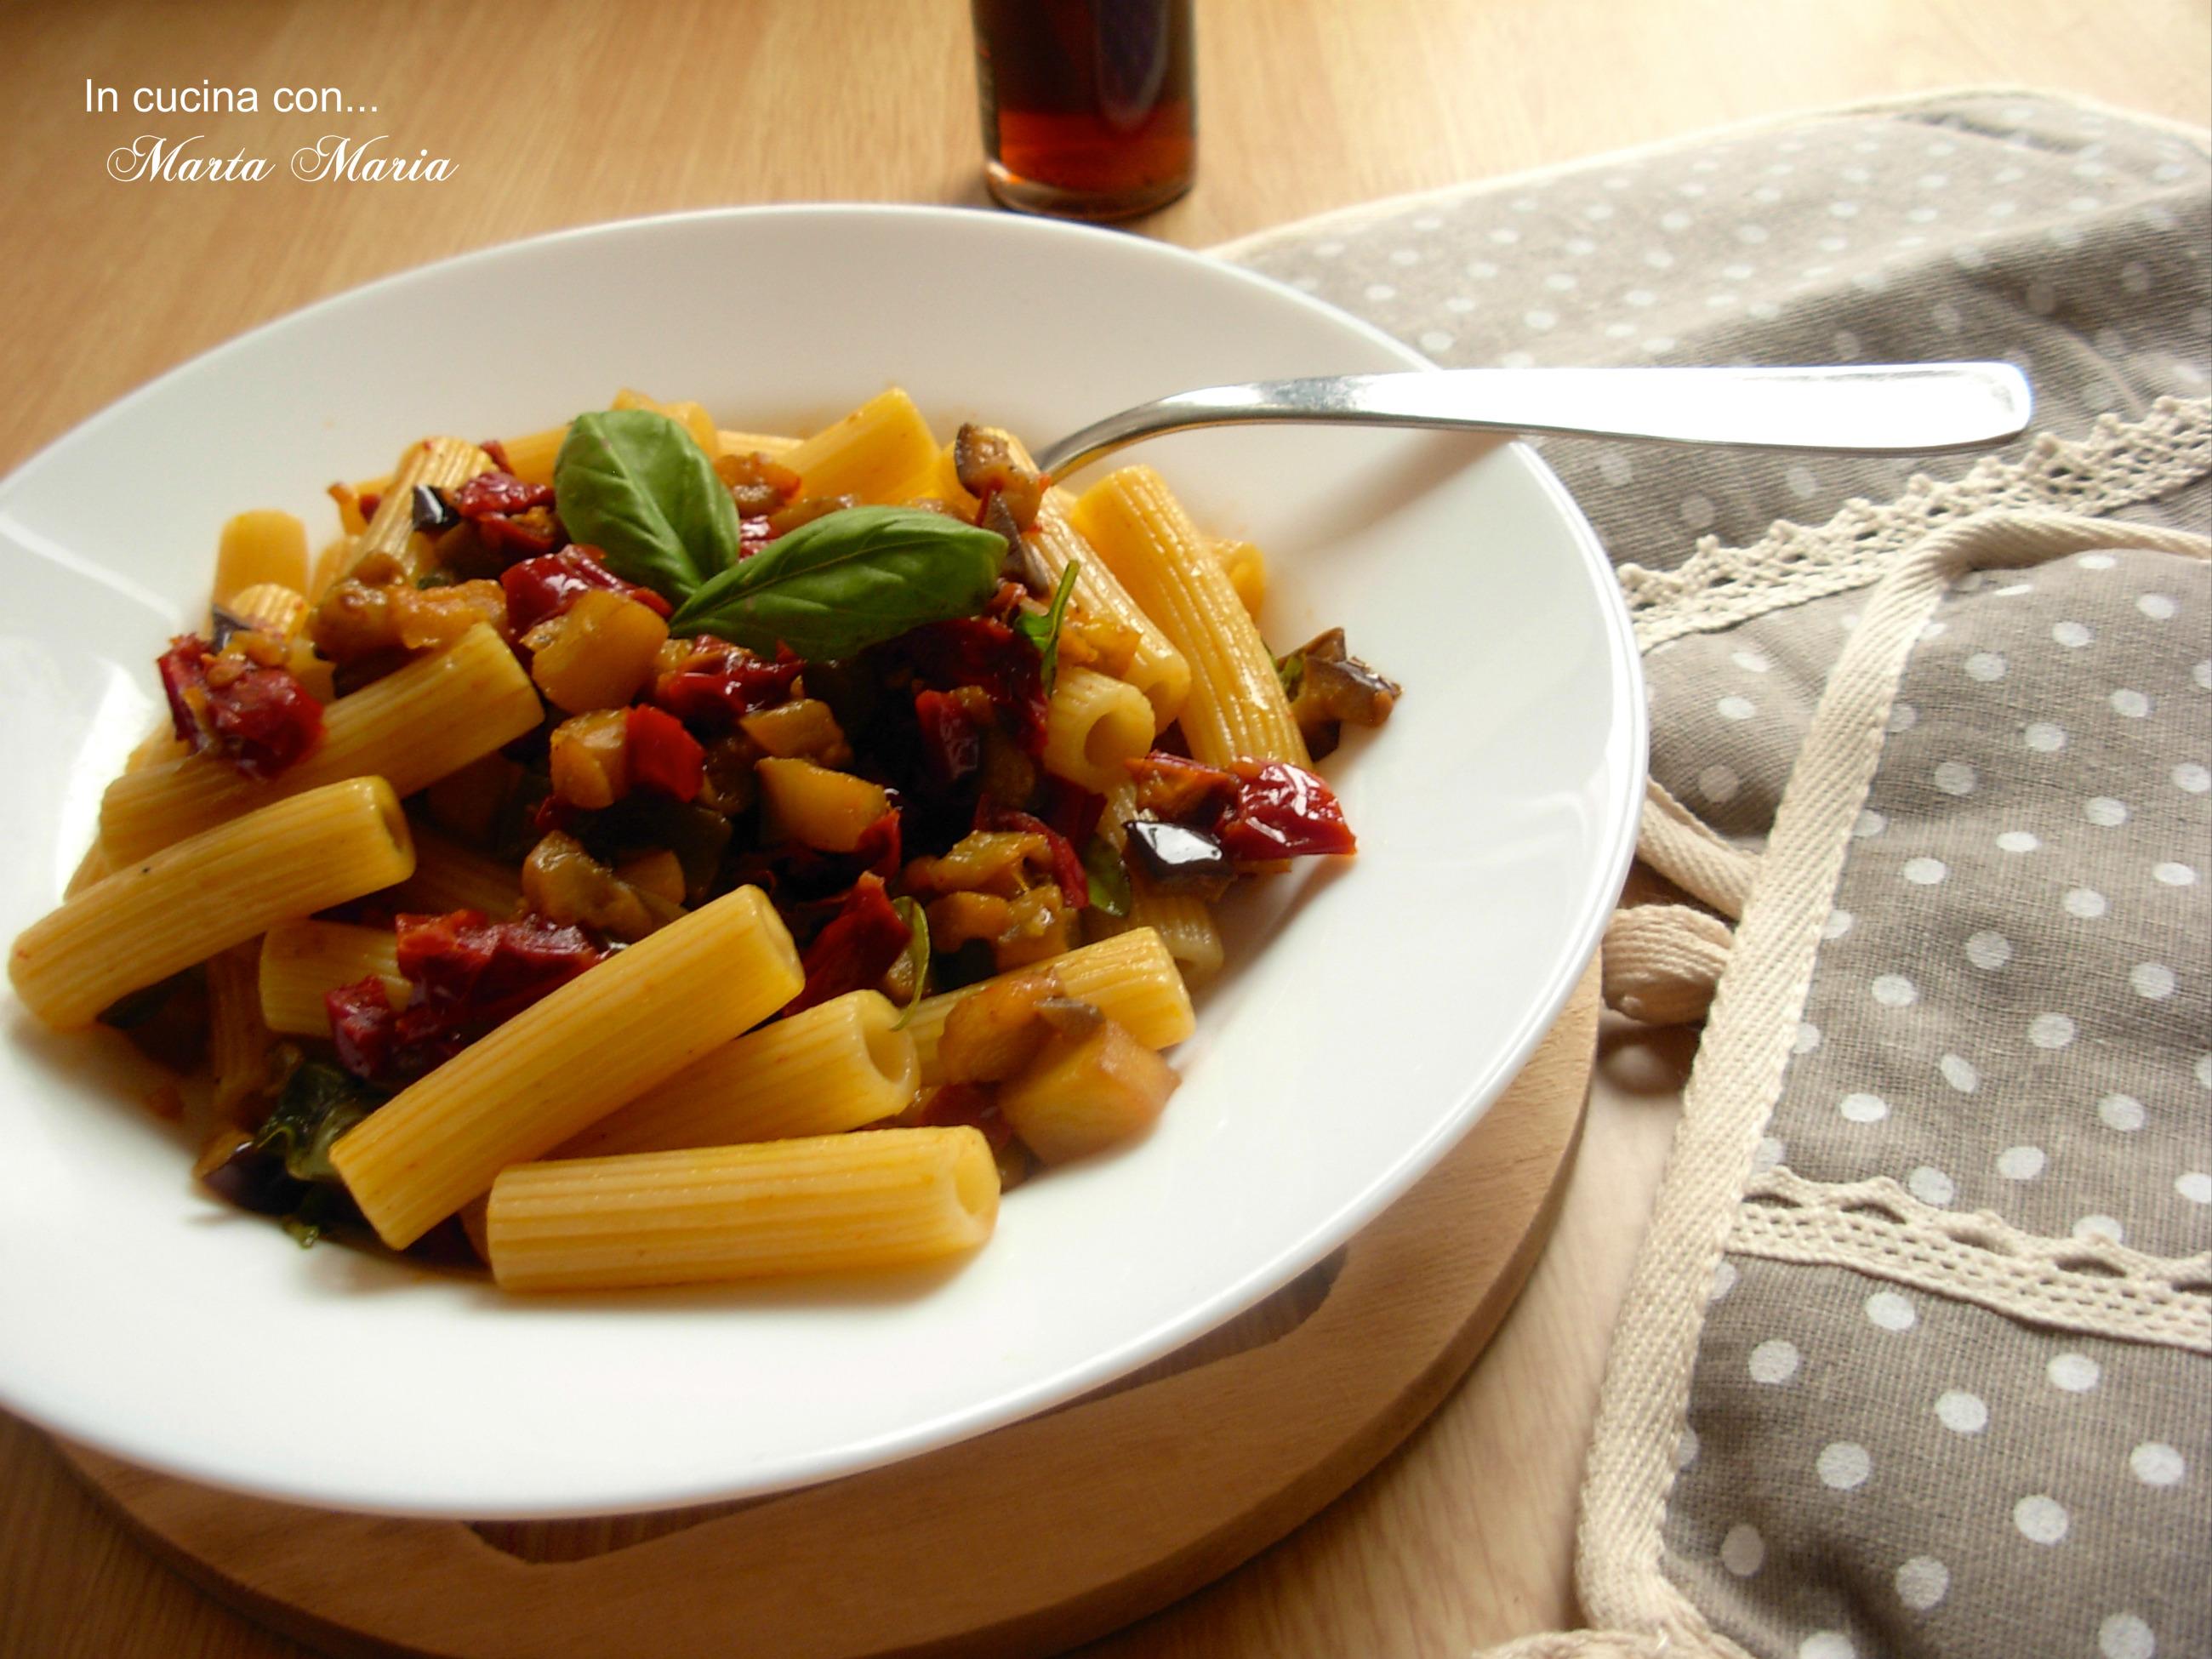 Pasta Con Melanzane E Pomodori Secchi Ricetta Facile In Cucina